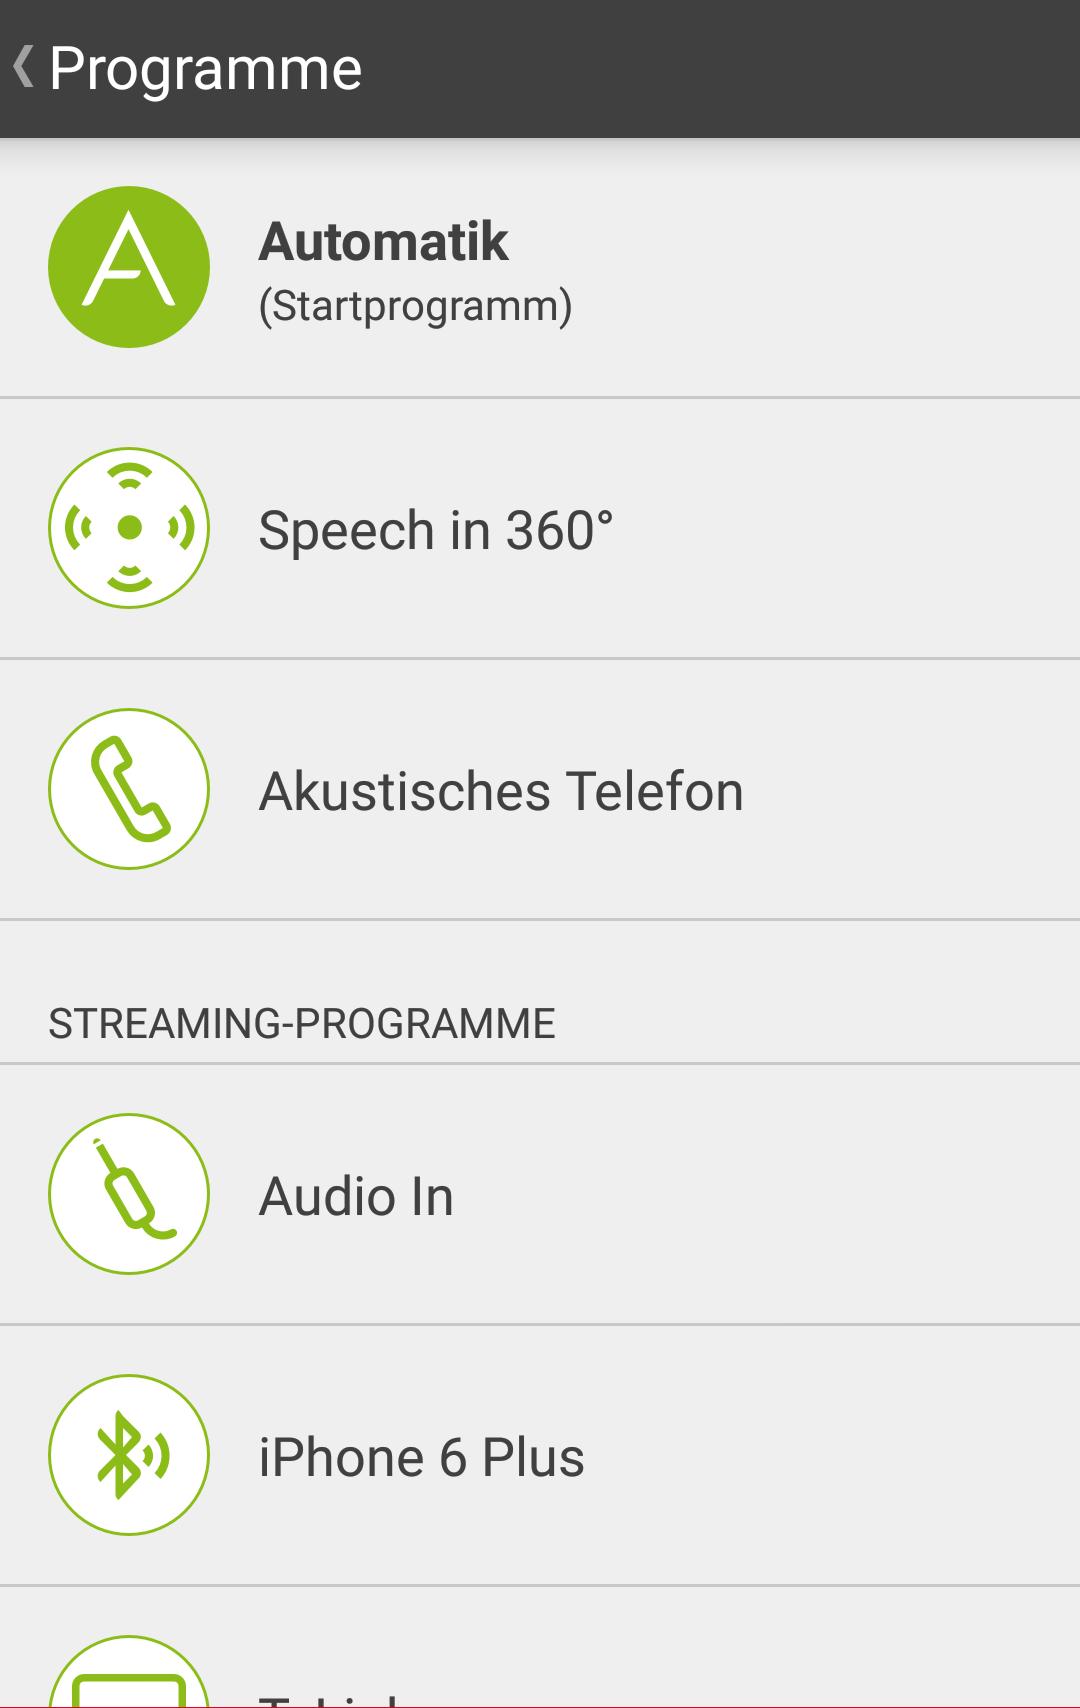 Die zur Verfügung stehenden Programme sind abhängig vom Hörsystem und Ihren gewünschten Einstellungen.